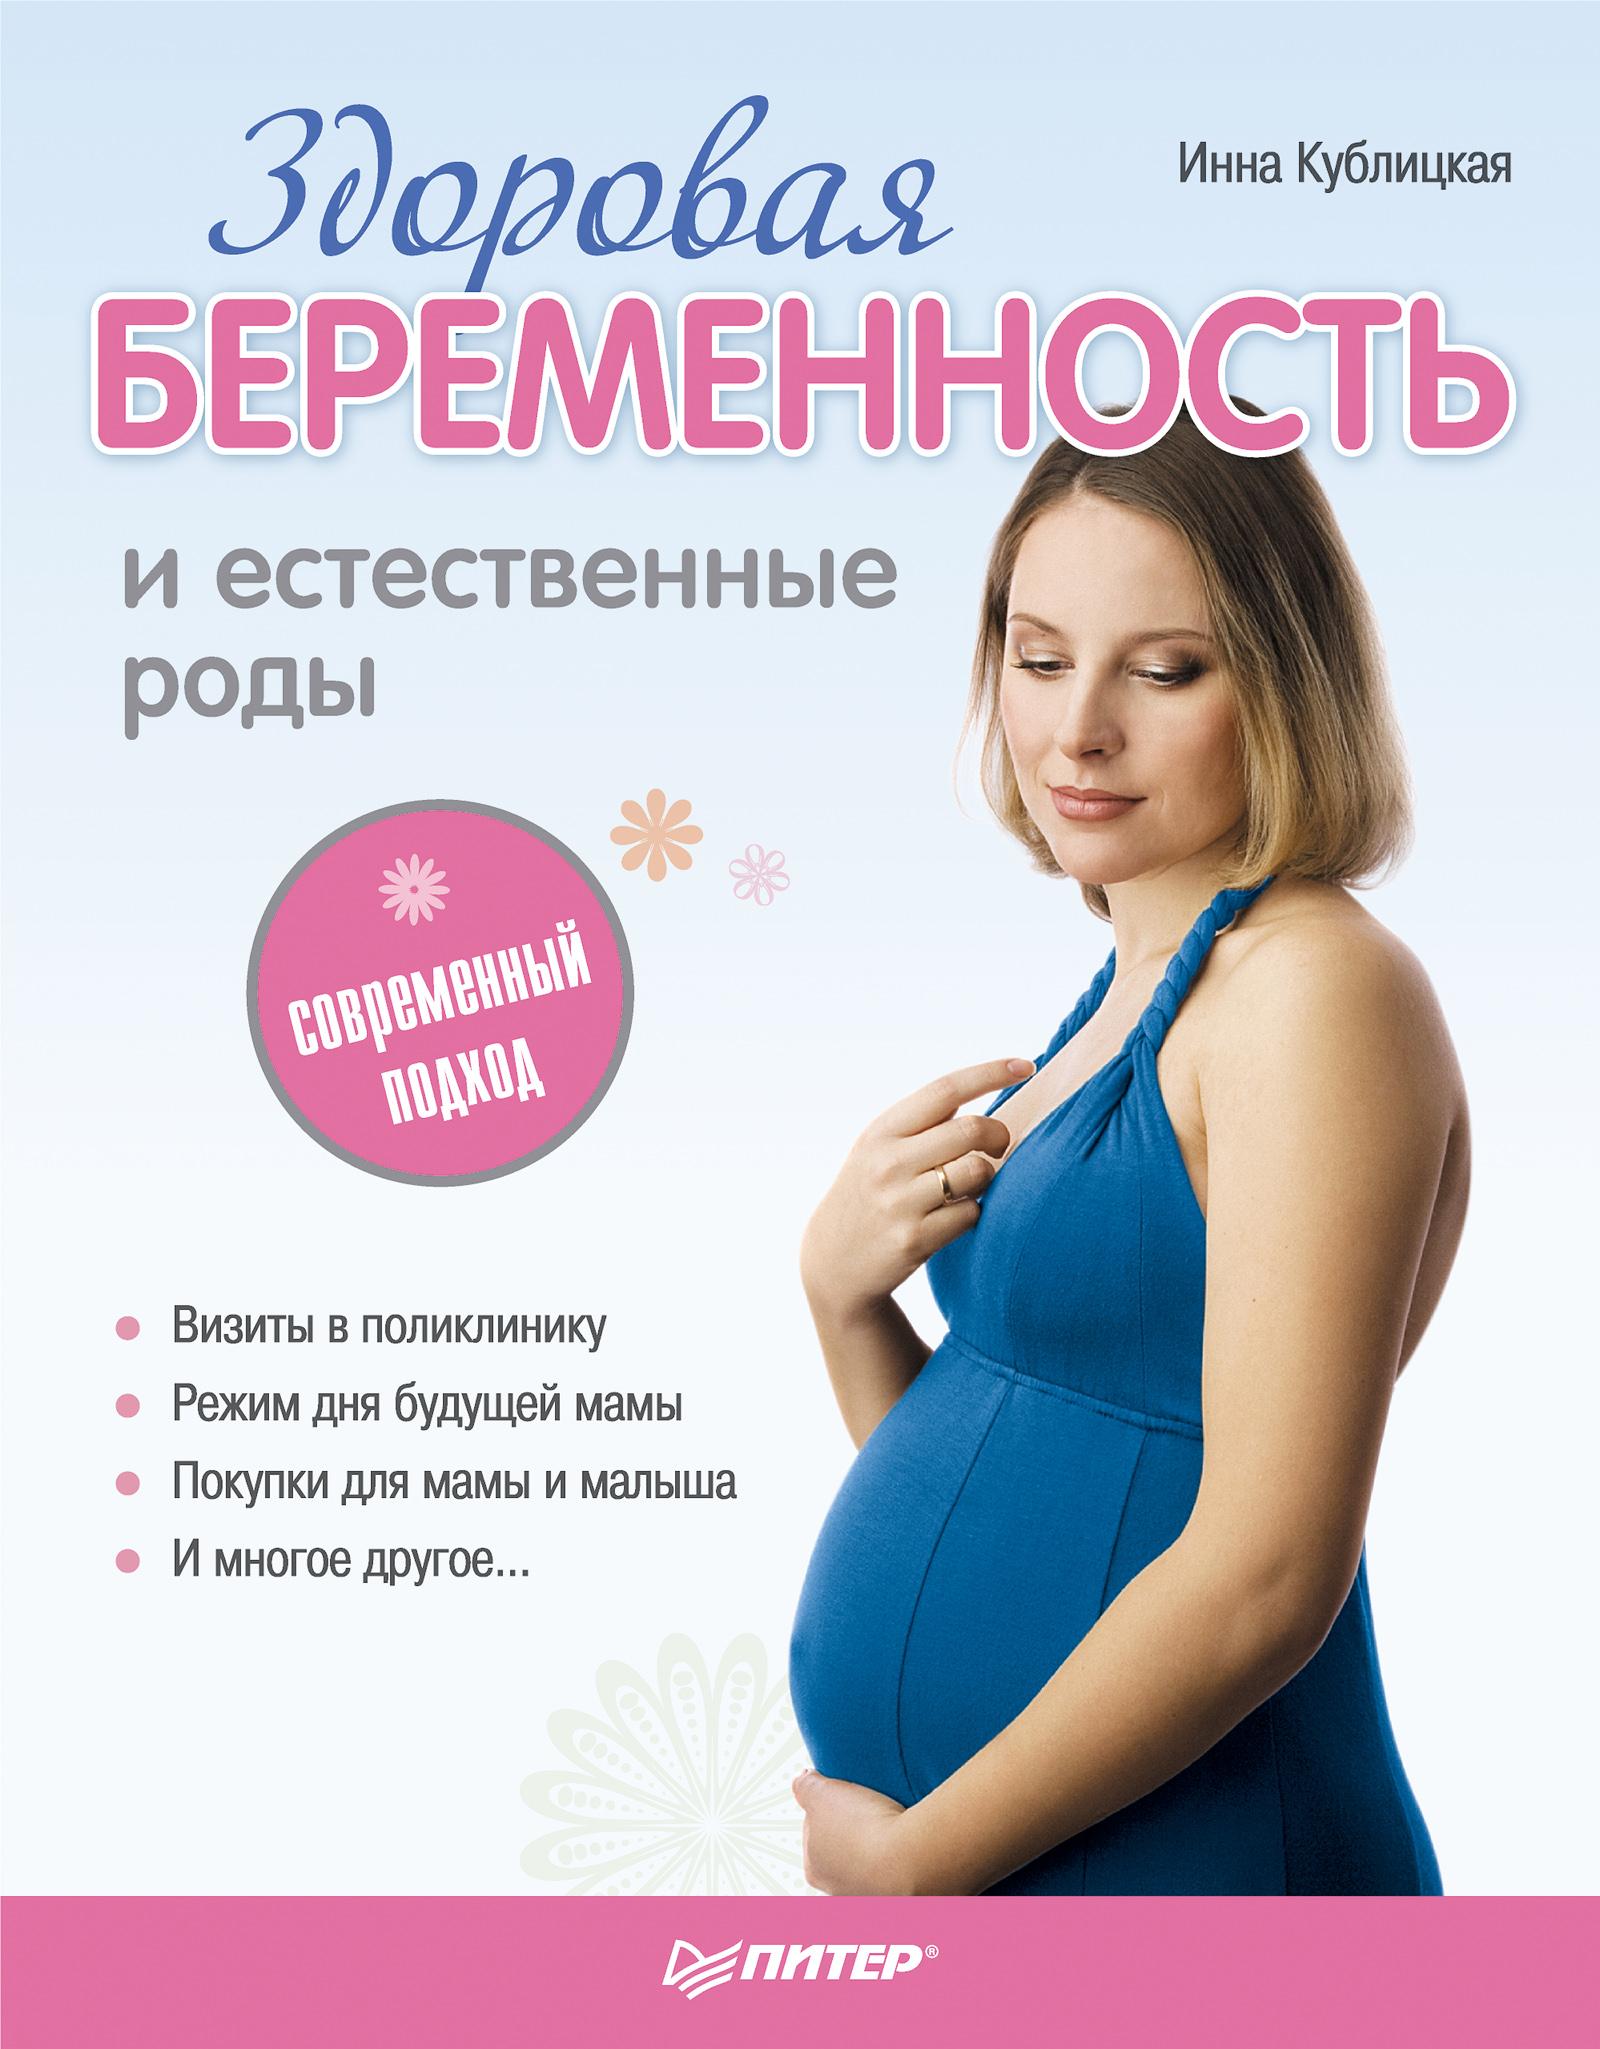 Инна Валерьевна Кублицкая Здоровая беременность и естественные роды: современный подход